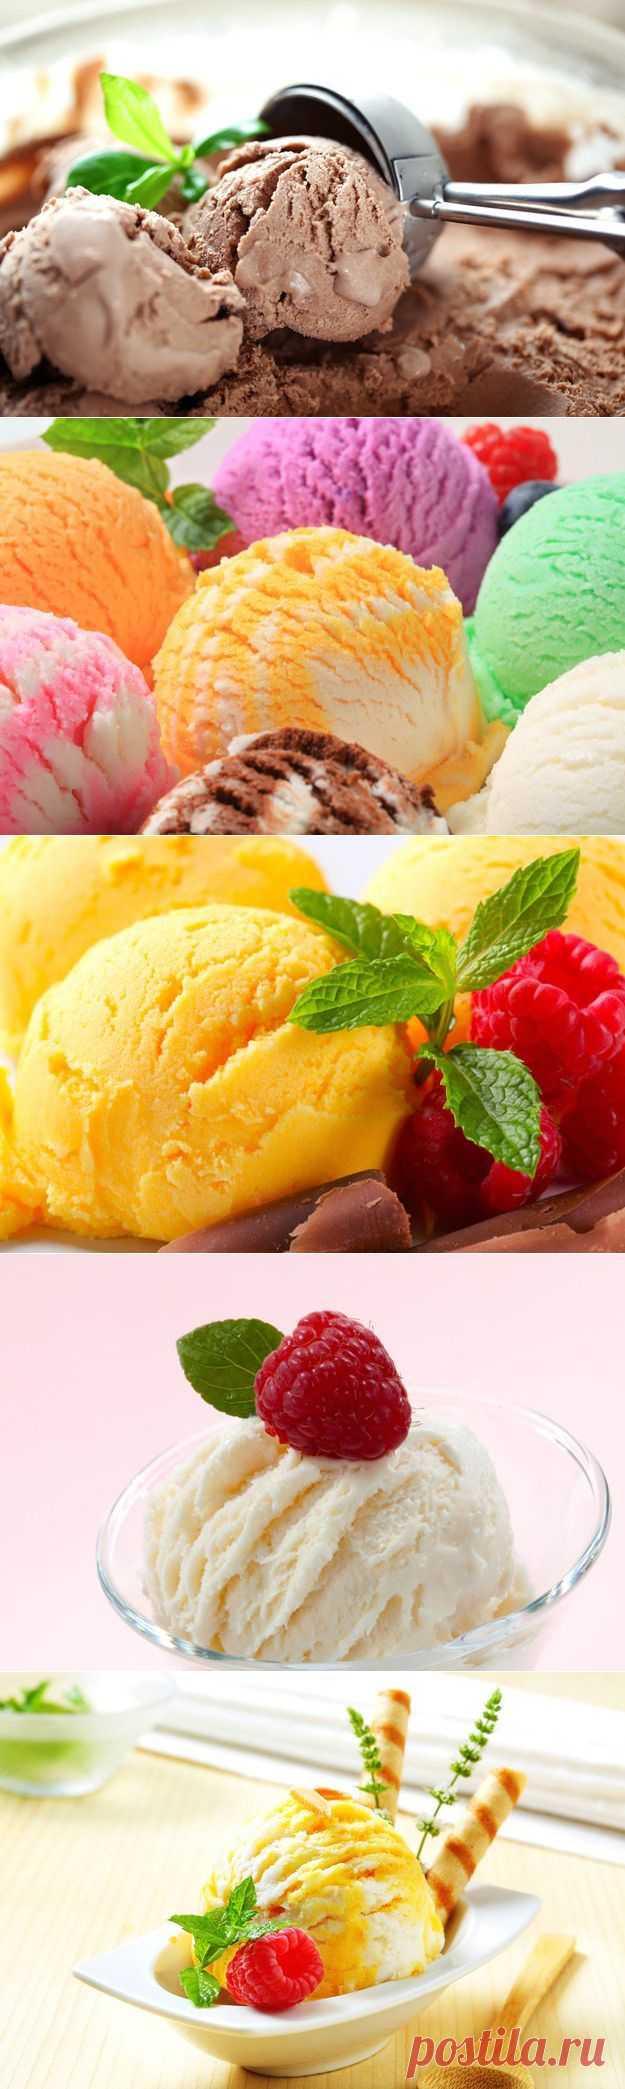 Домашнее мороженое: секреты приготовления